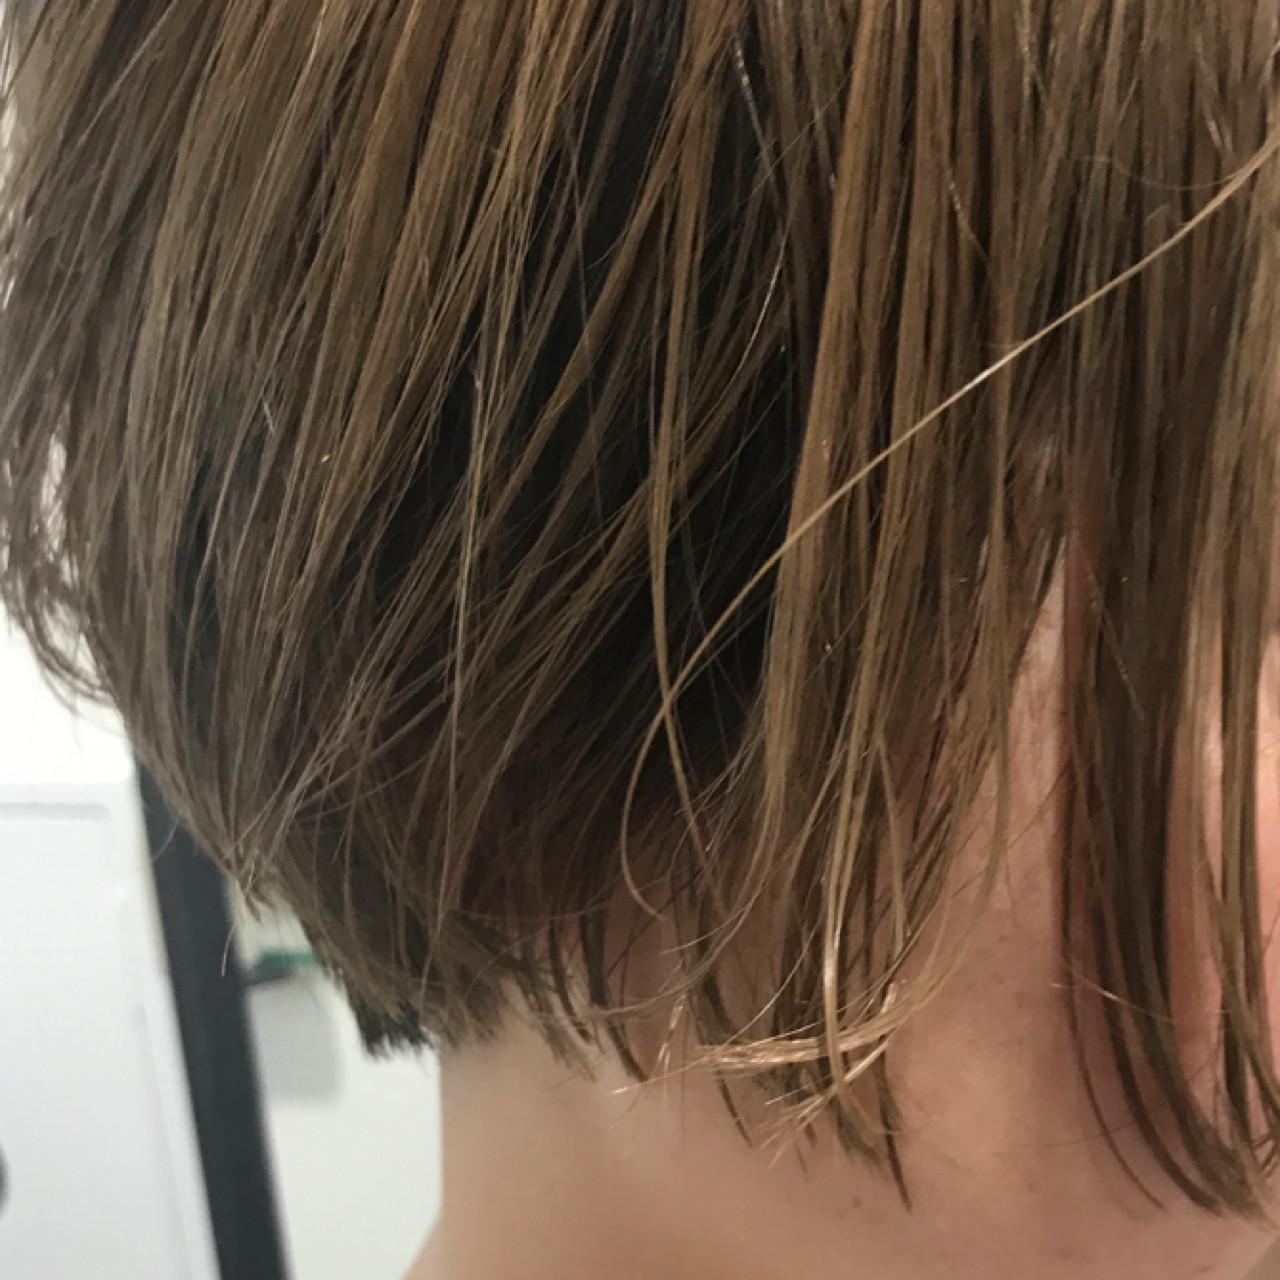 ブリーチ ボブ 夏 おかっぱ ヘアスタイルや髪型の写真・画像